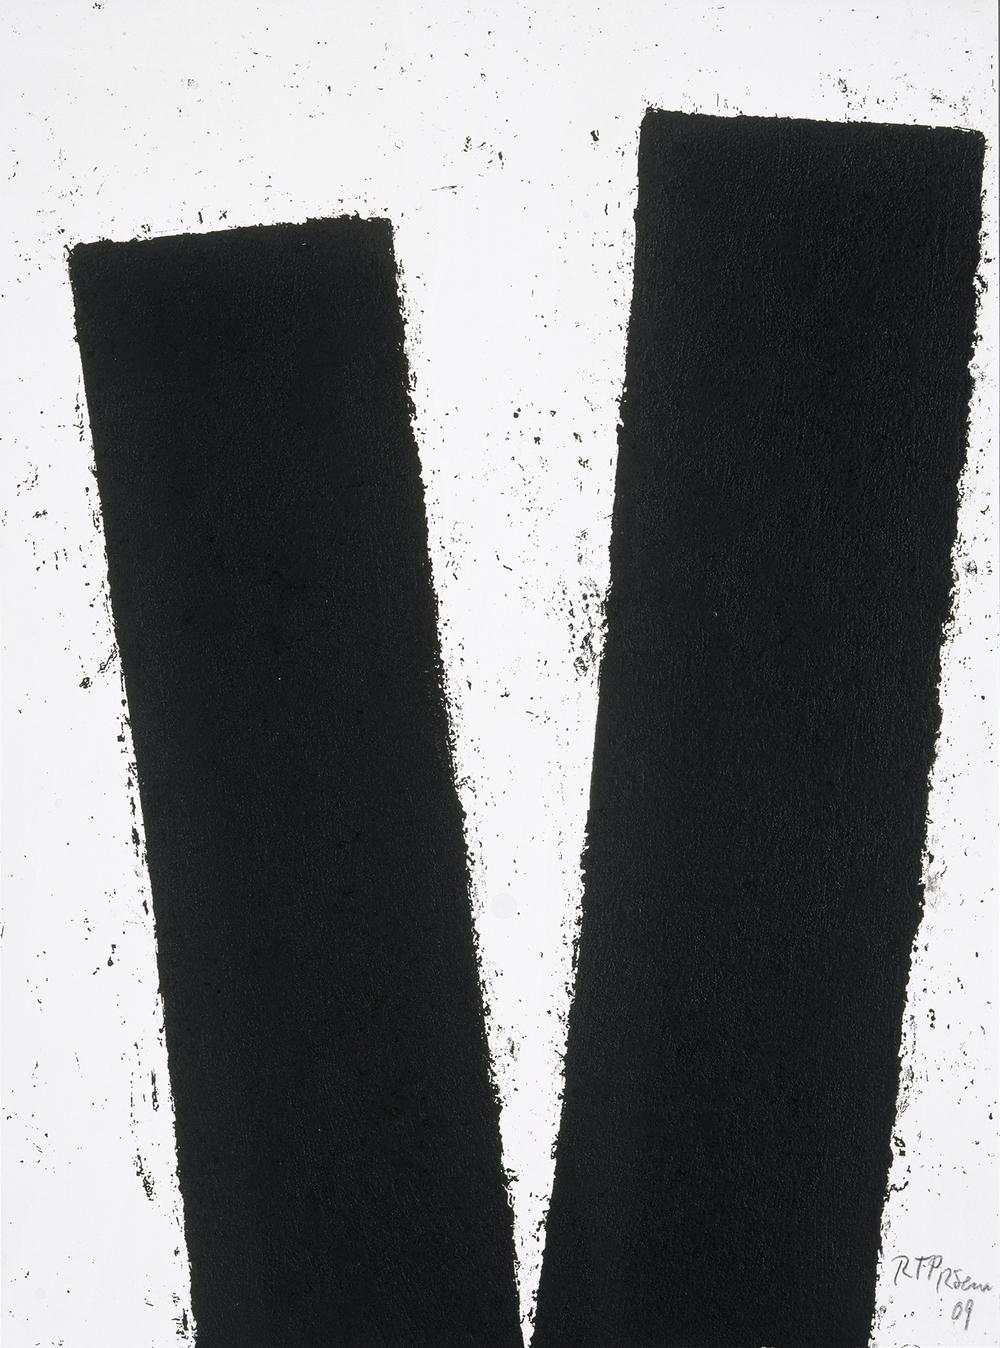 Richard Serra  Promenade Notebook Drawing V •2009 Gravura em metal Edição: 50 40 x 29.7 cm